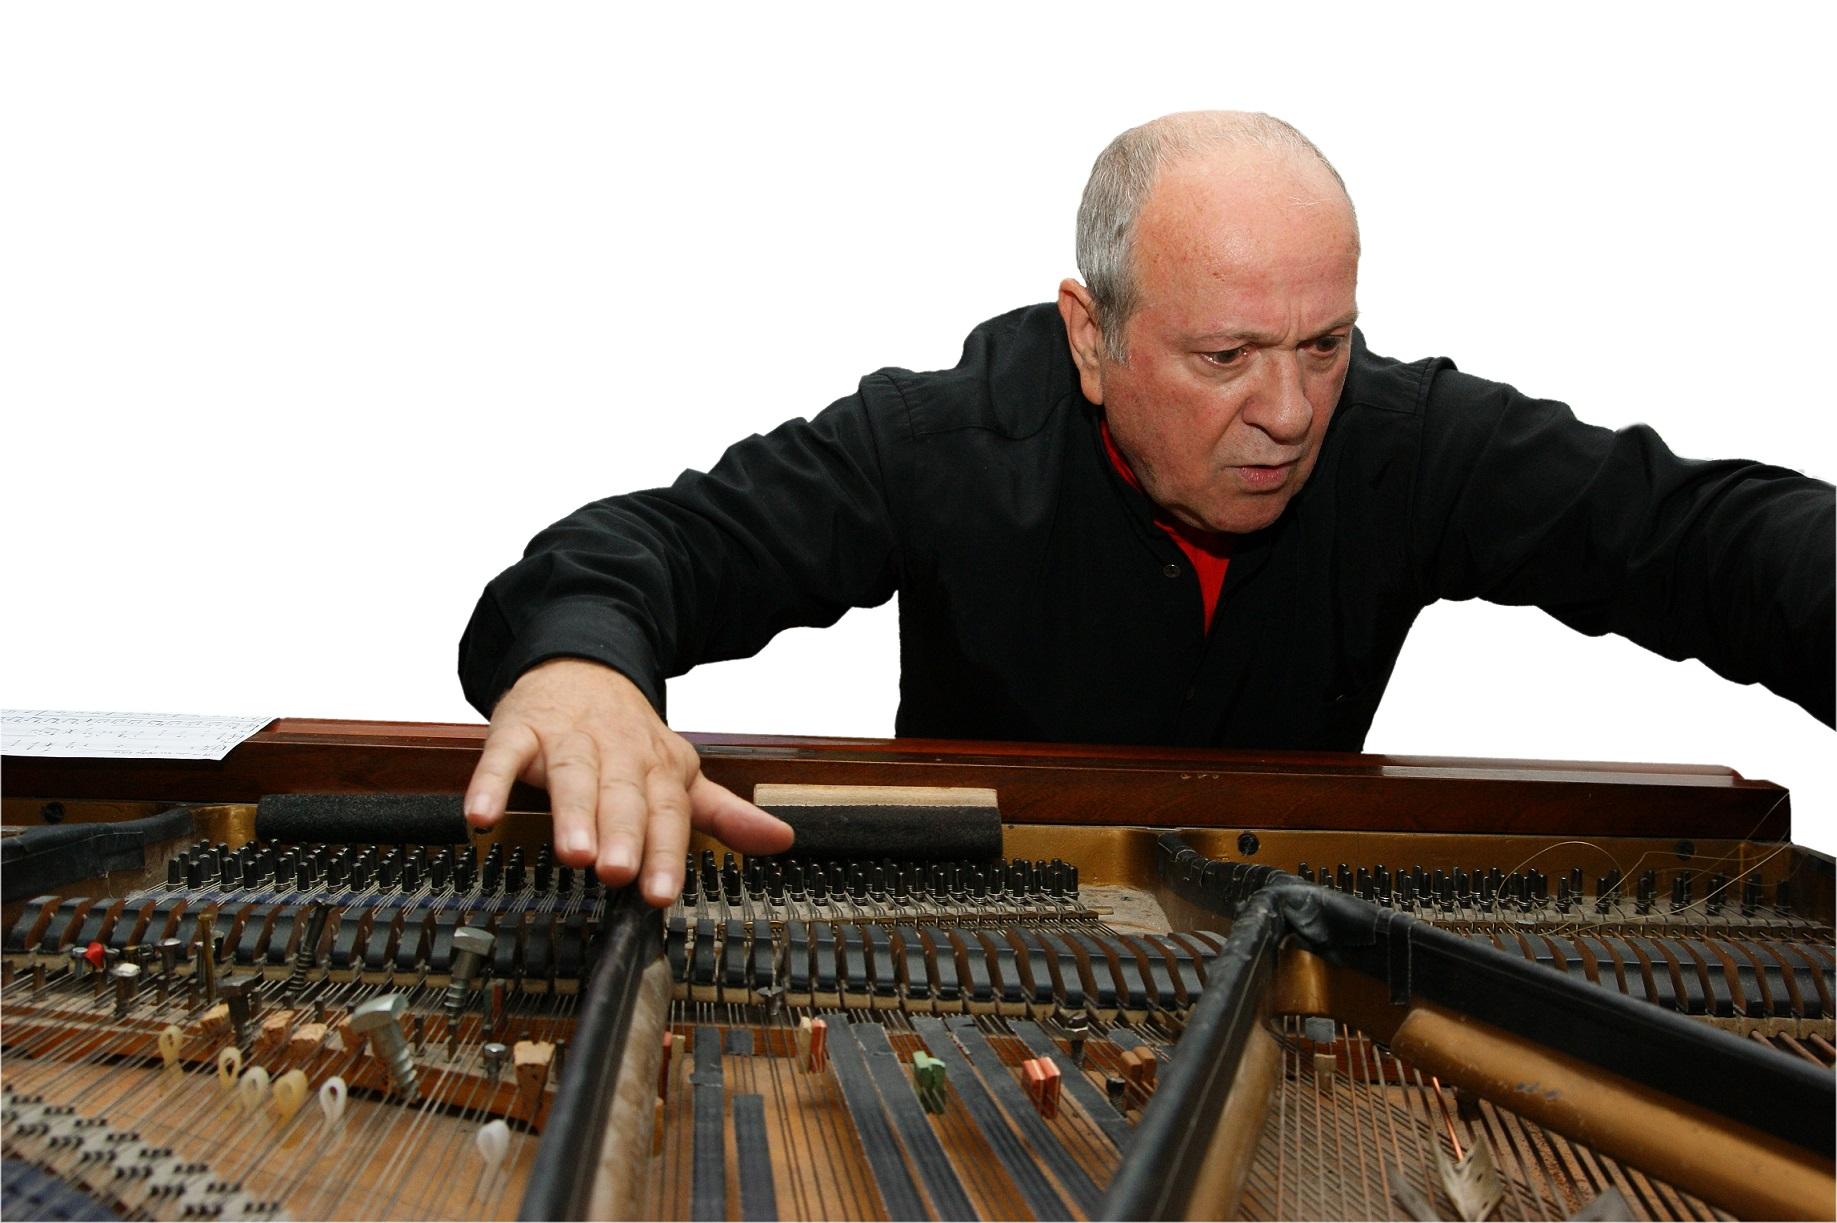 Musikbrennerei Rheinsberg